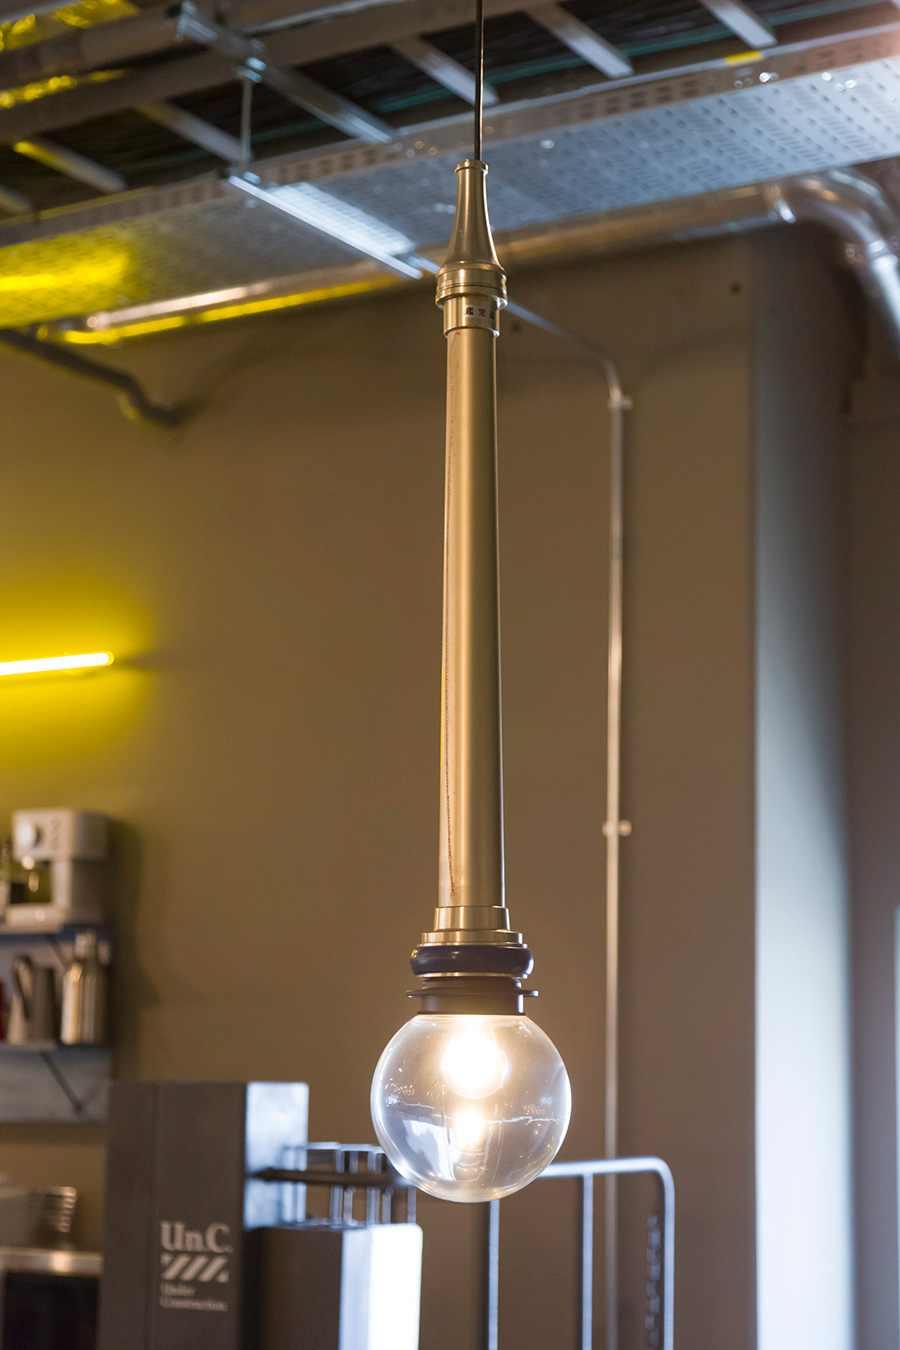 消防ホースの先についたノズルを照明器具にした〈FIRE NOZZLE LAMP〉。